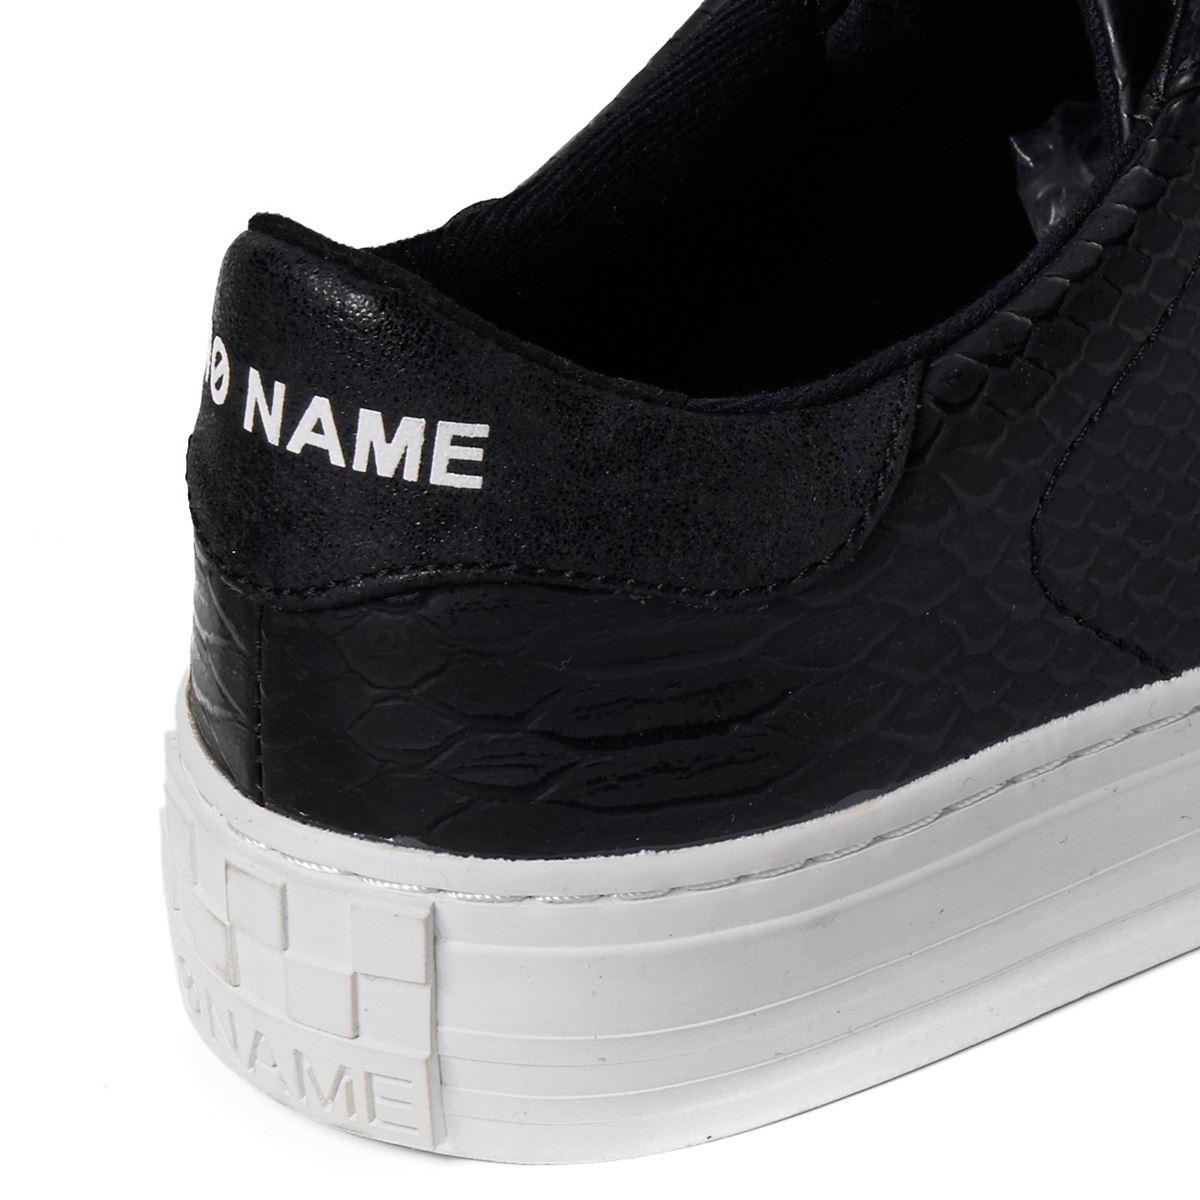 [新入荷] [2020秋冬]NO NAME ノーネーム アルカデ ブラック ARCADE-02144 ※店舗共有商品